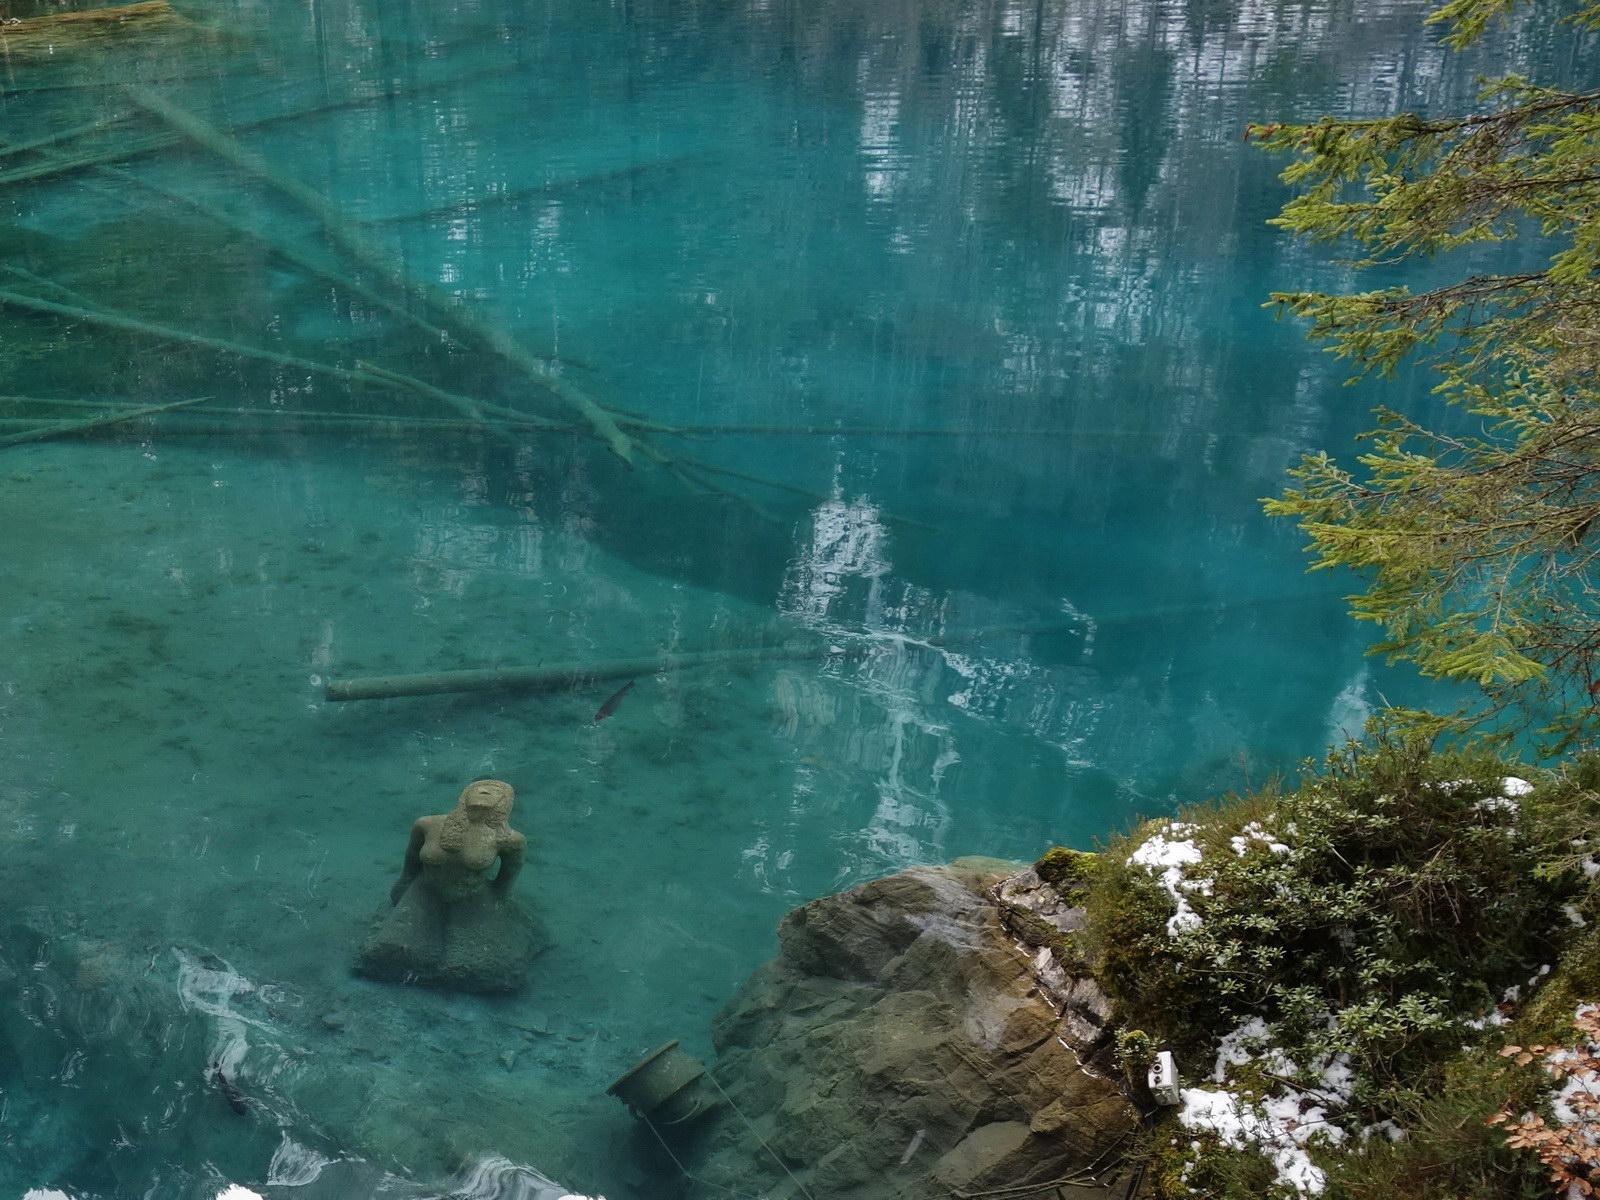 Magisches Tauchen in der Welt des Blausee